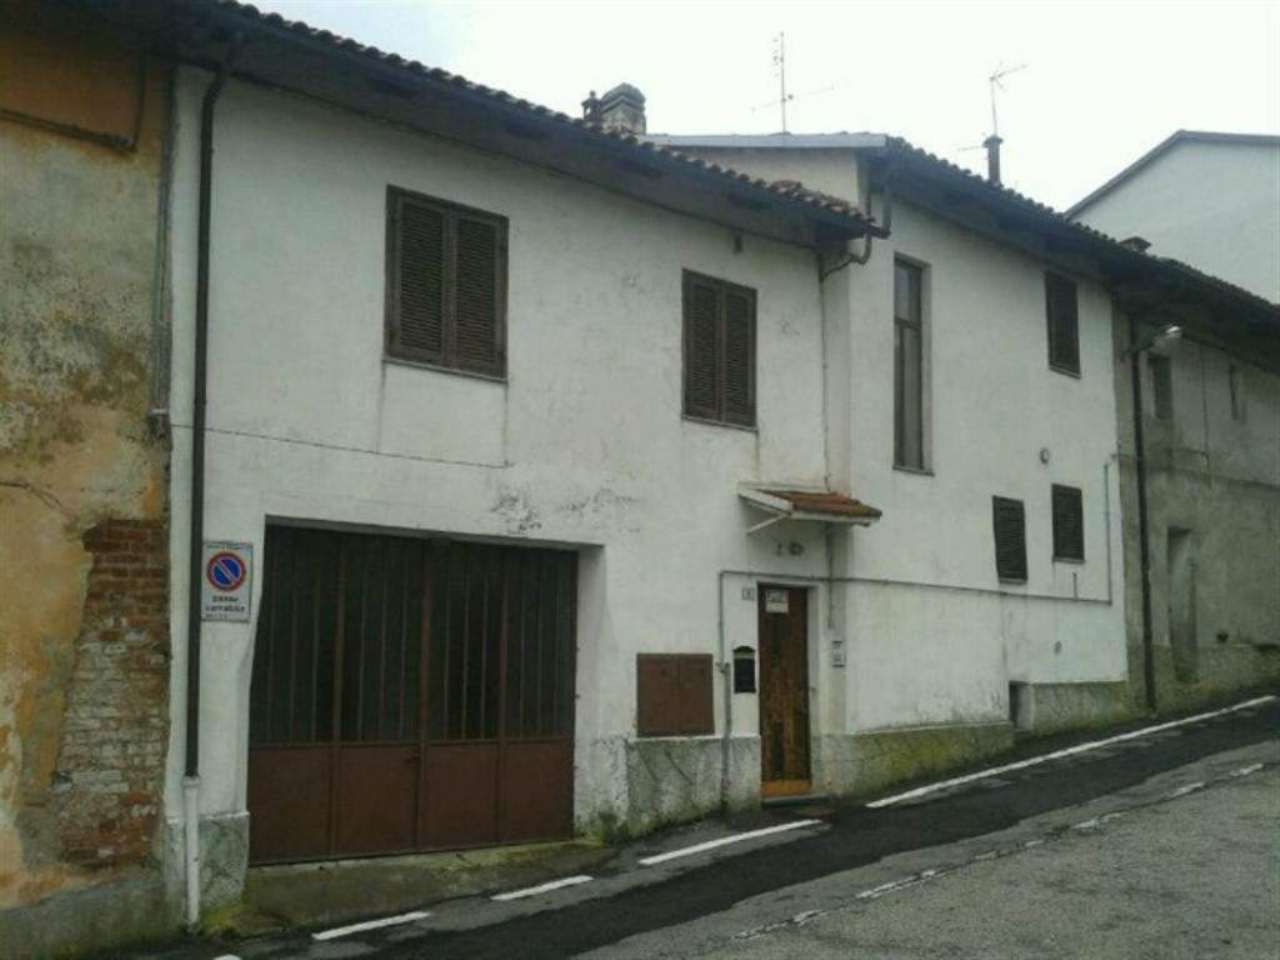 Soluzione Indipendente in vendita a Pecetto Torinese, 5 locali, prezzo € 260.000 | CambioCasa.it